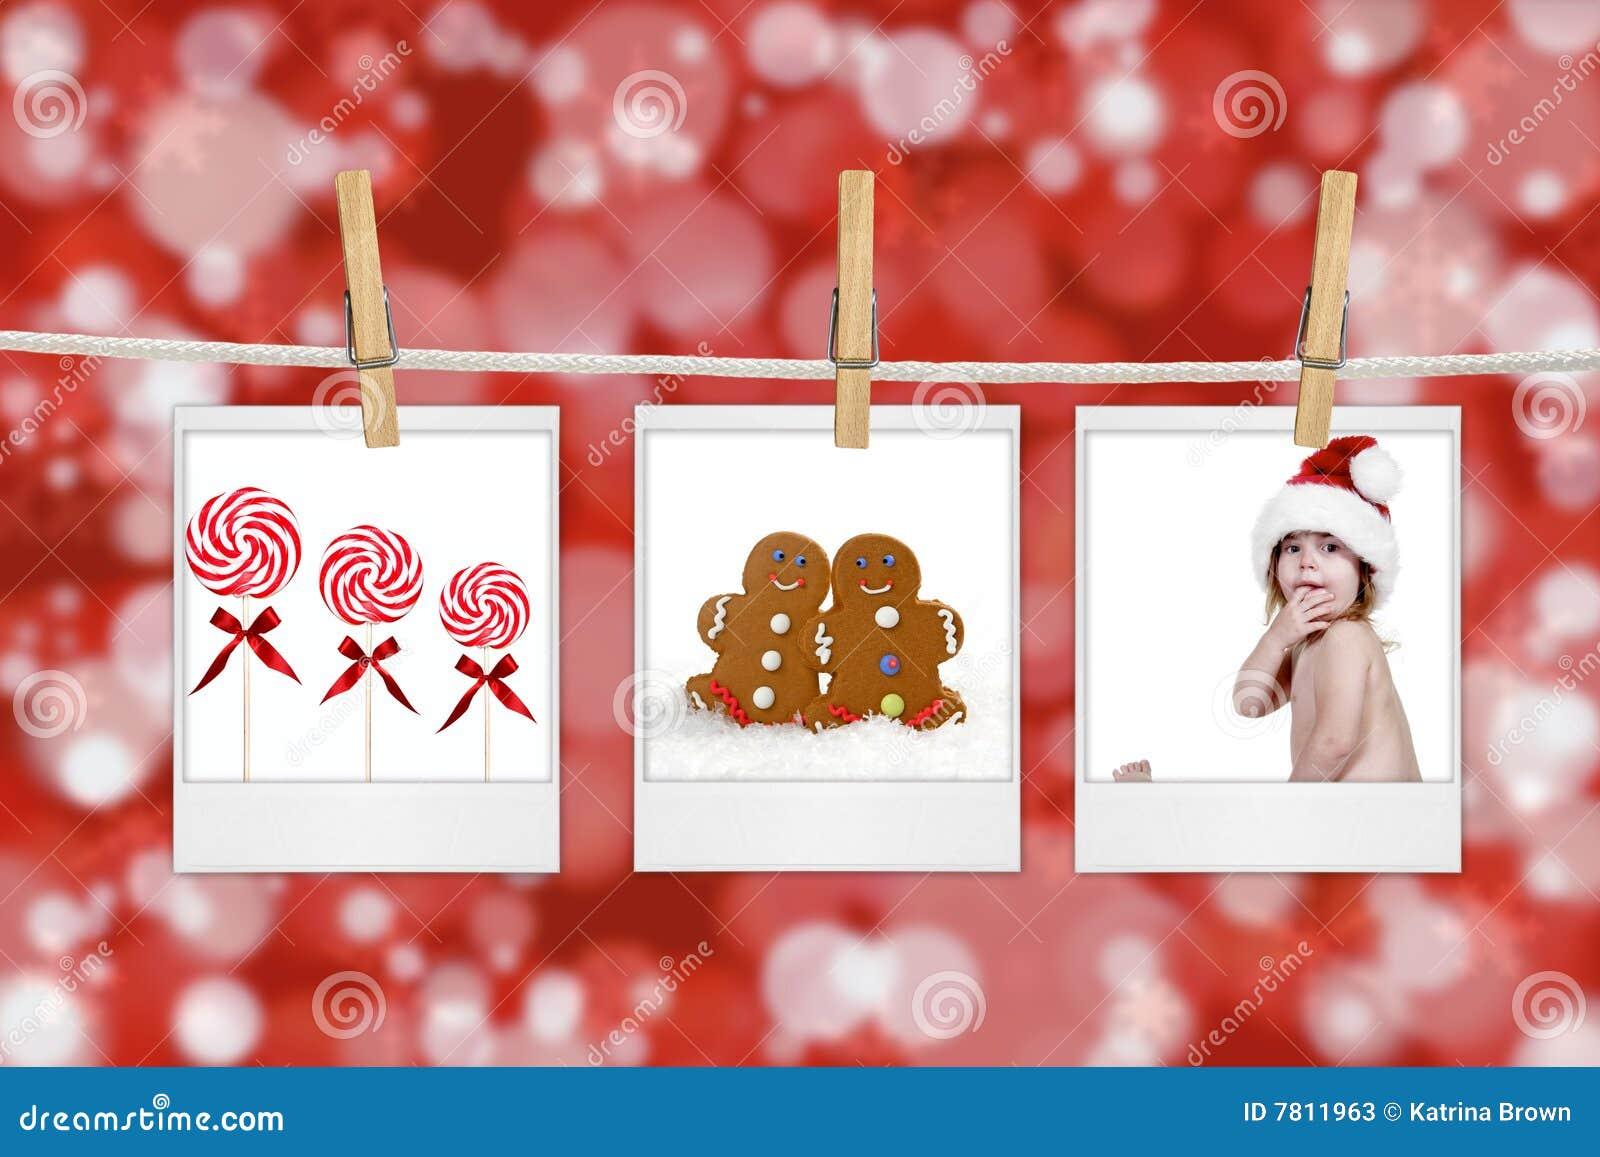 weihnachtsbilder die von einem seil h ngen stockbild. Black Bedroom Furniture Sets. Home Design Ideas